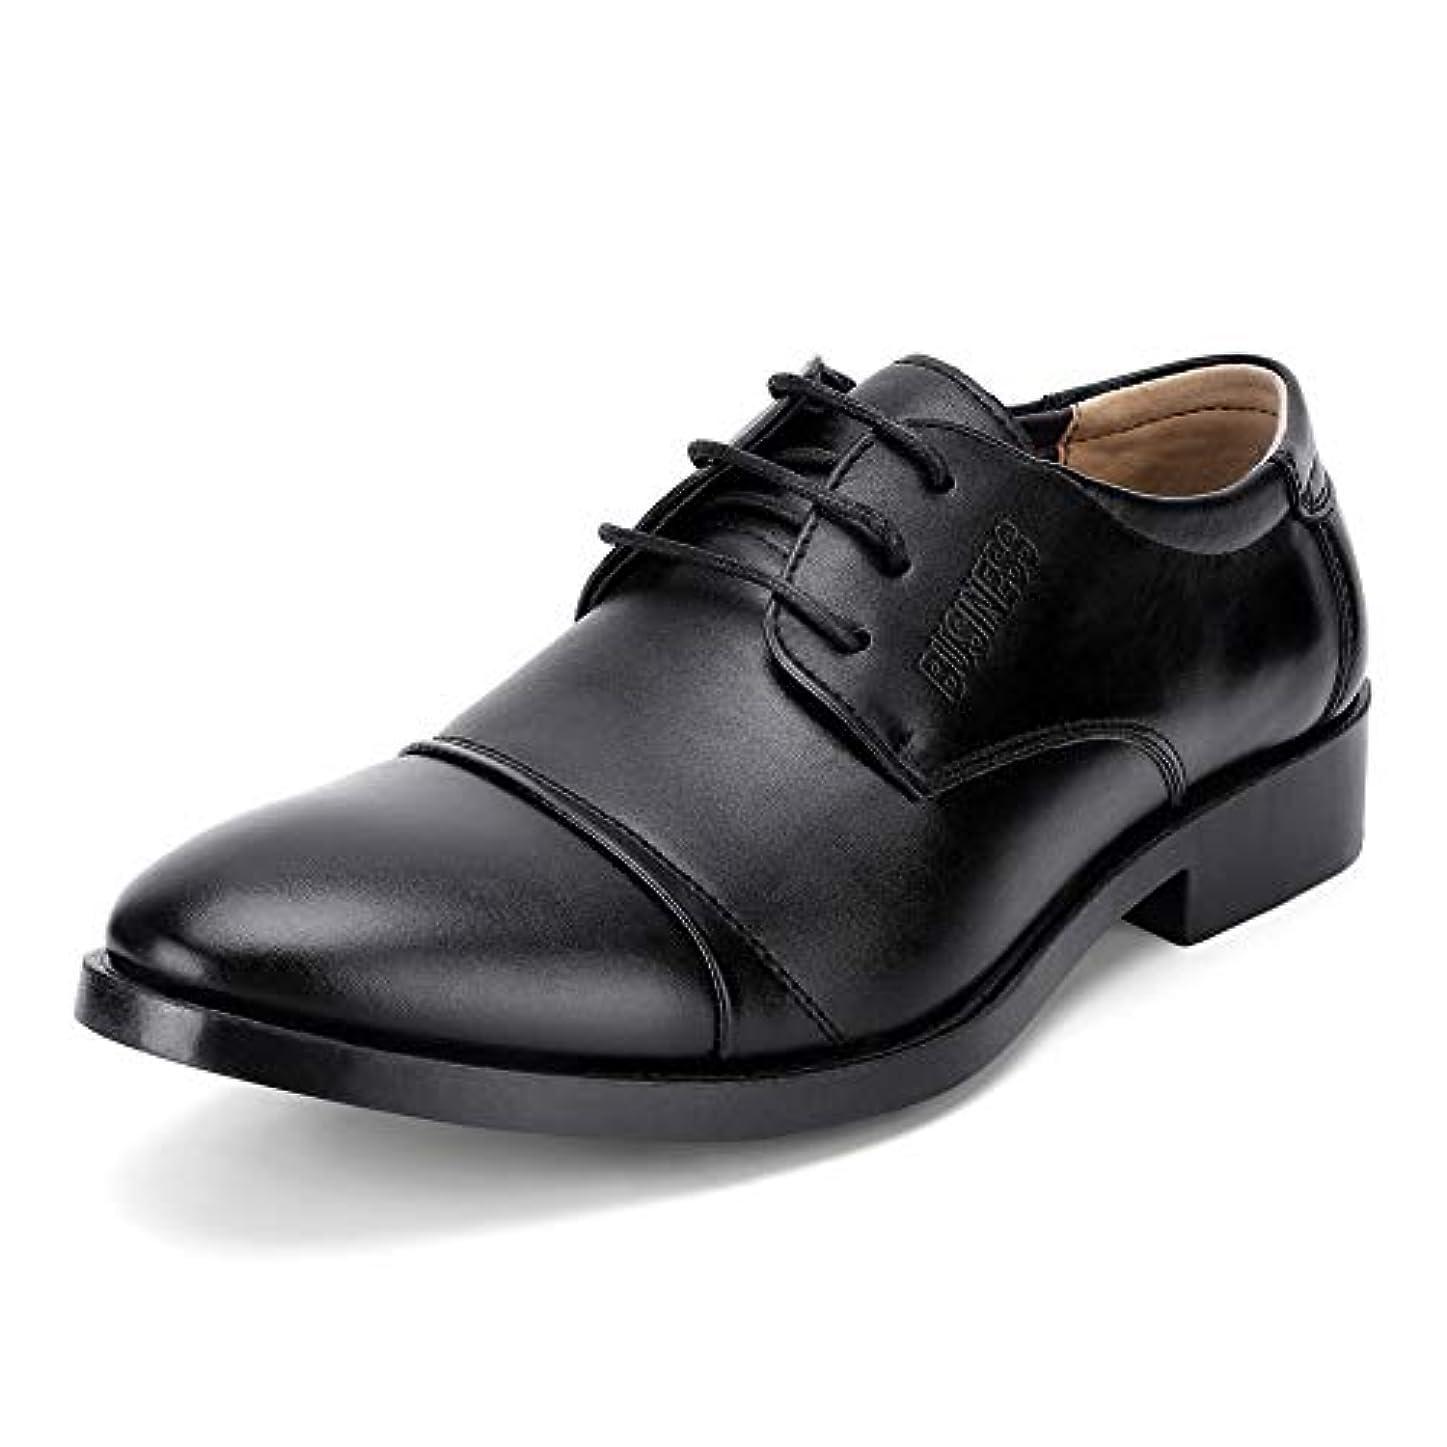 はっきりしない郵便番号獲物ビジネスシューズ メンズ 紳士靴 革靴 ビジネス 冠婚葬祭 ストレートチップ レースアップ